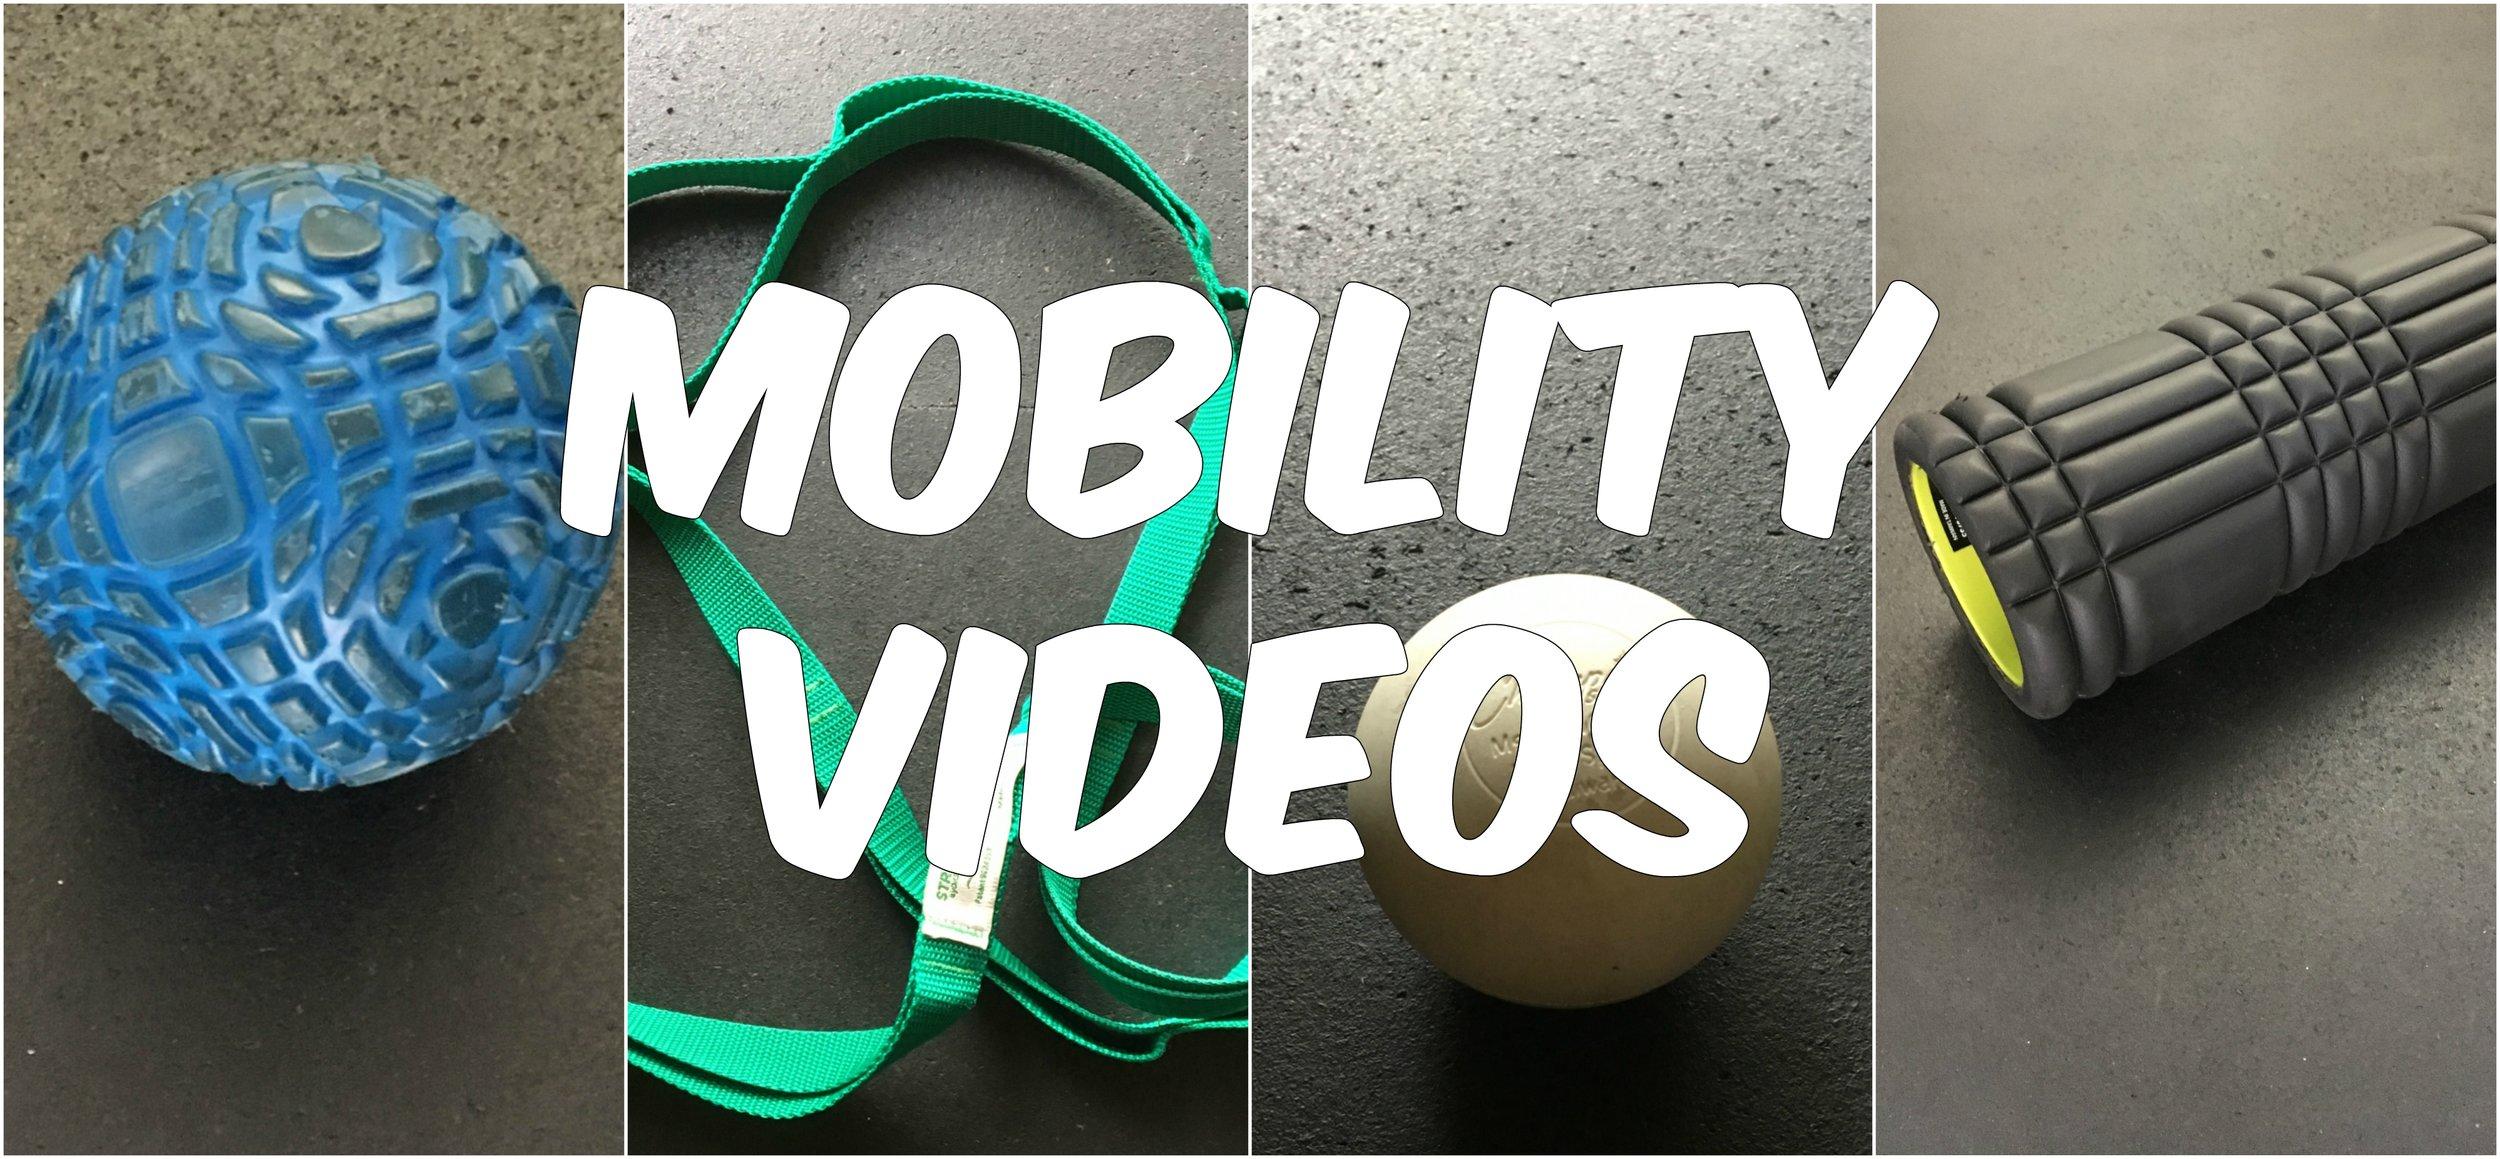 MobilityVideosCollageText_103.jpg